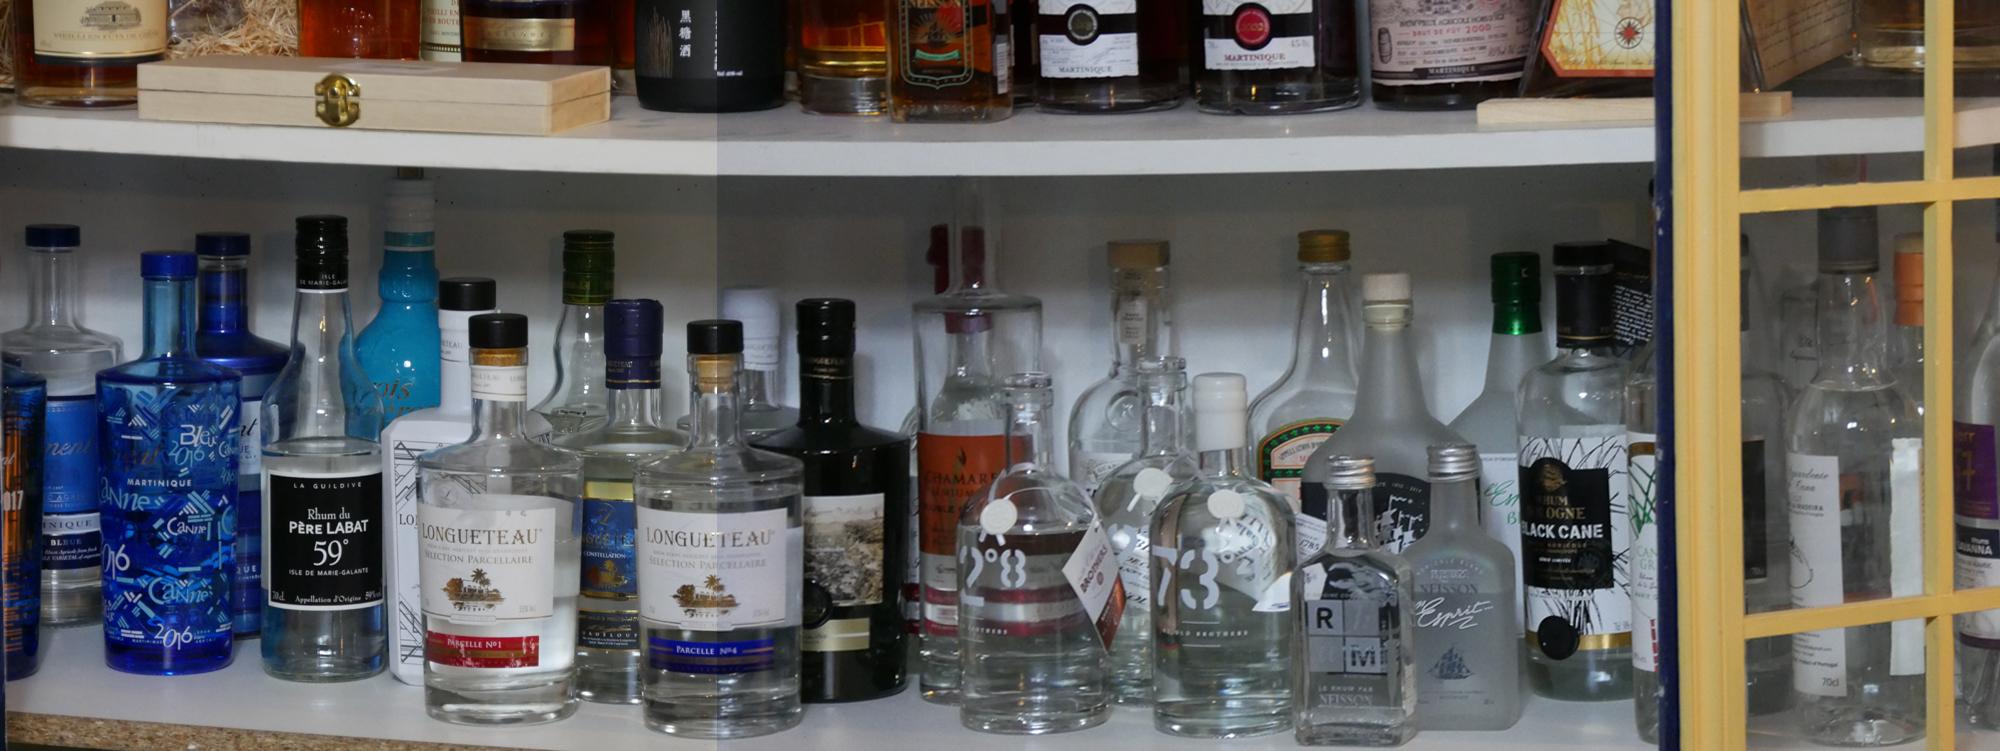 https://rhum-et-whisky.fr/wp-content/uploads/2019/07/Mes-blancs.jpg